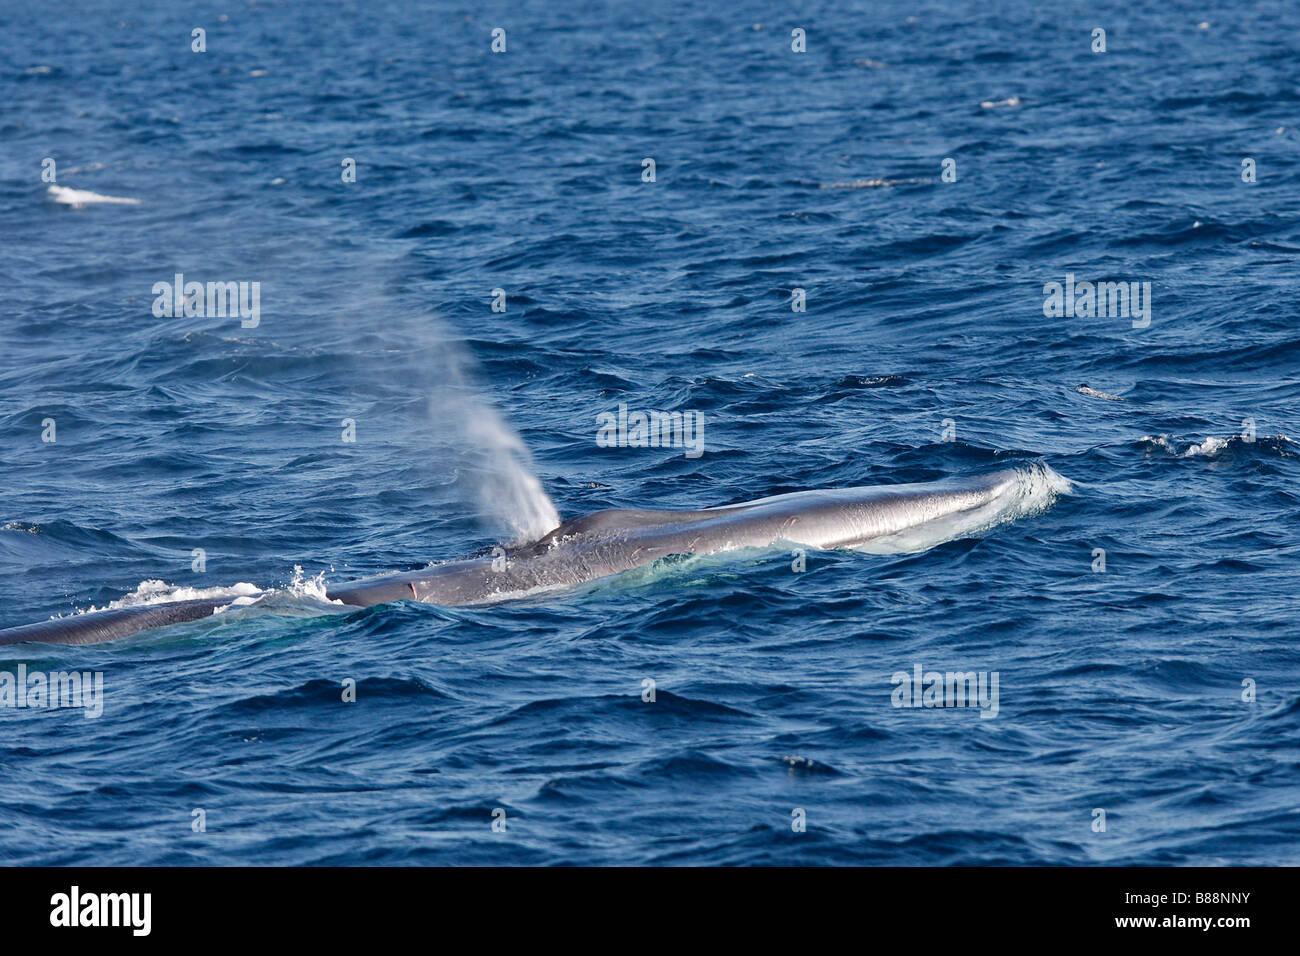 Rorcual común, ballena Finback, Rorqual común (Balaenoptera physalus), adultos en superficie, soplado Foto de stock